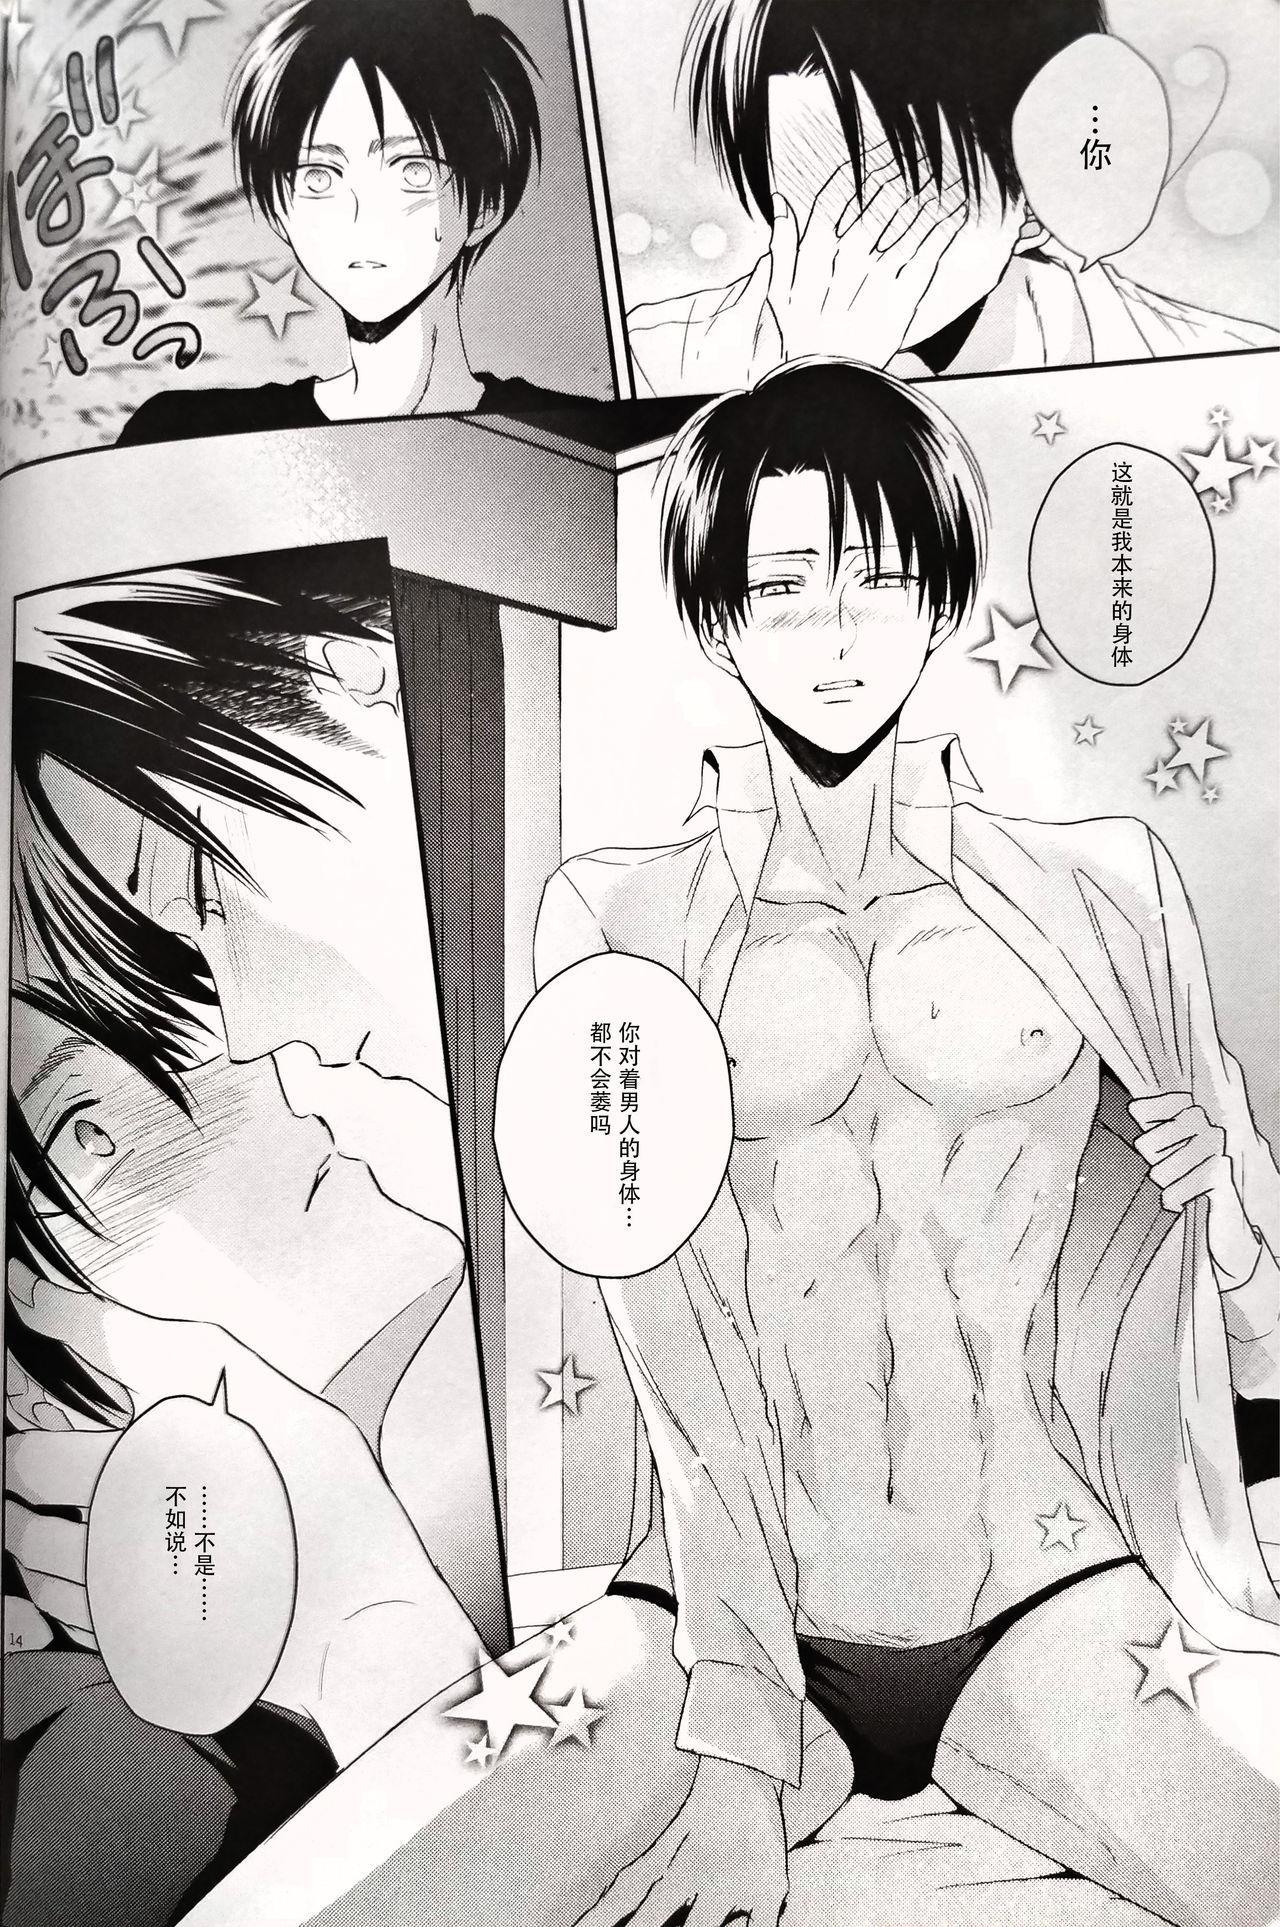 Hoshi e cho ni onegai ~tsu! | 向星兵长许愿! 12